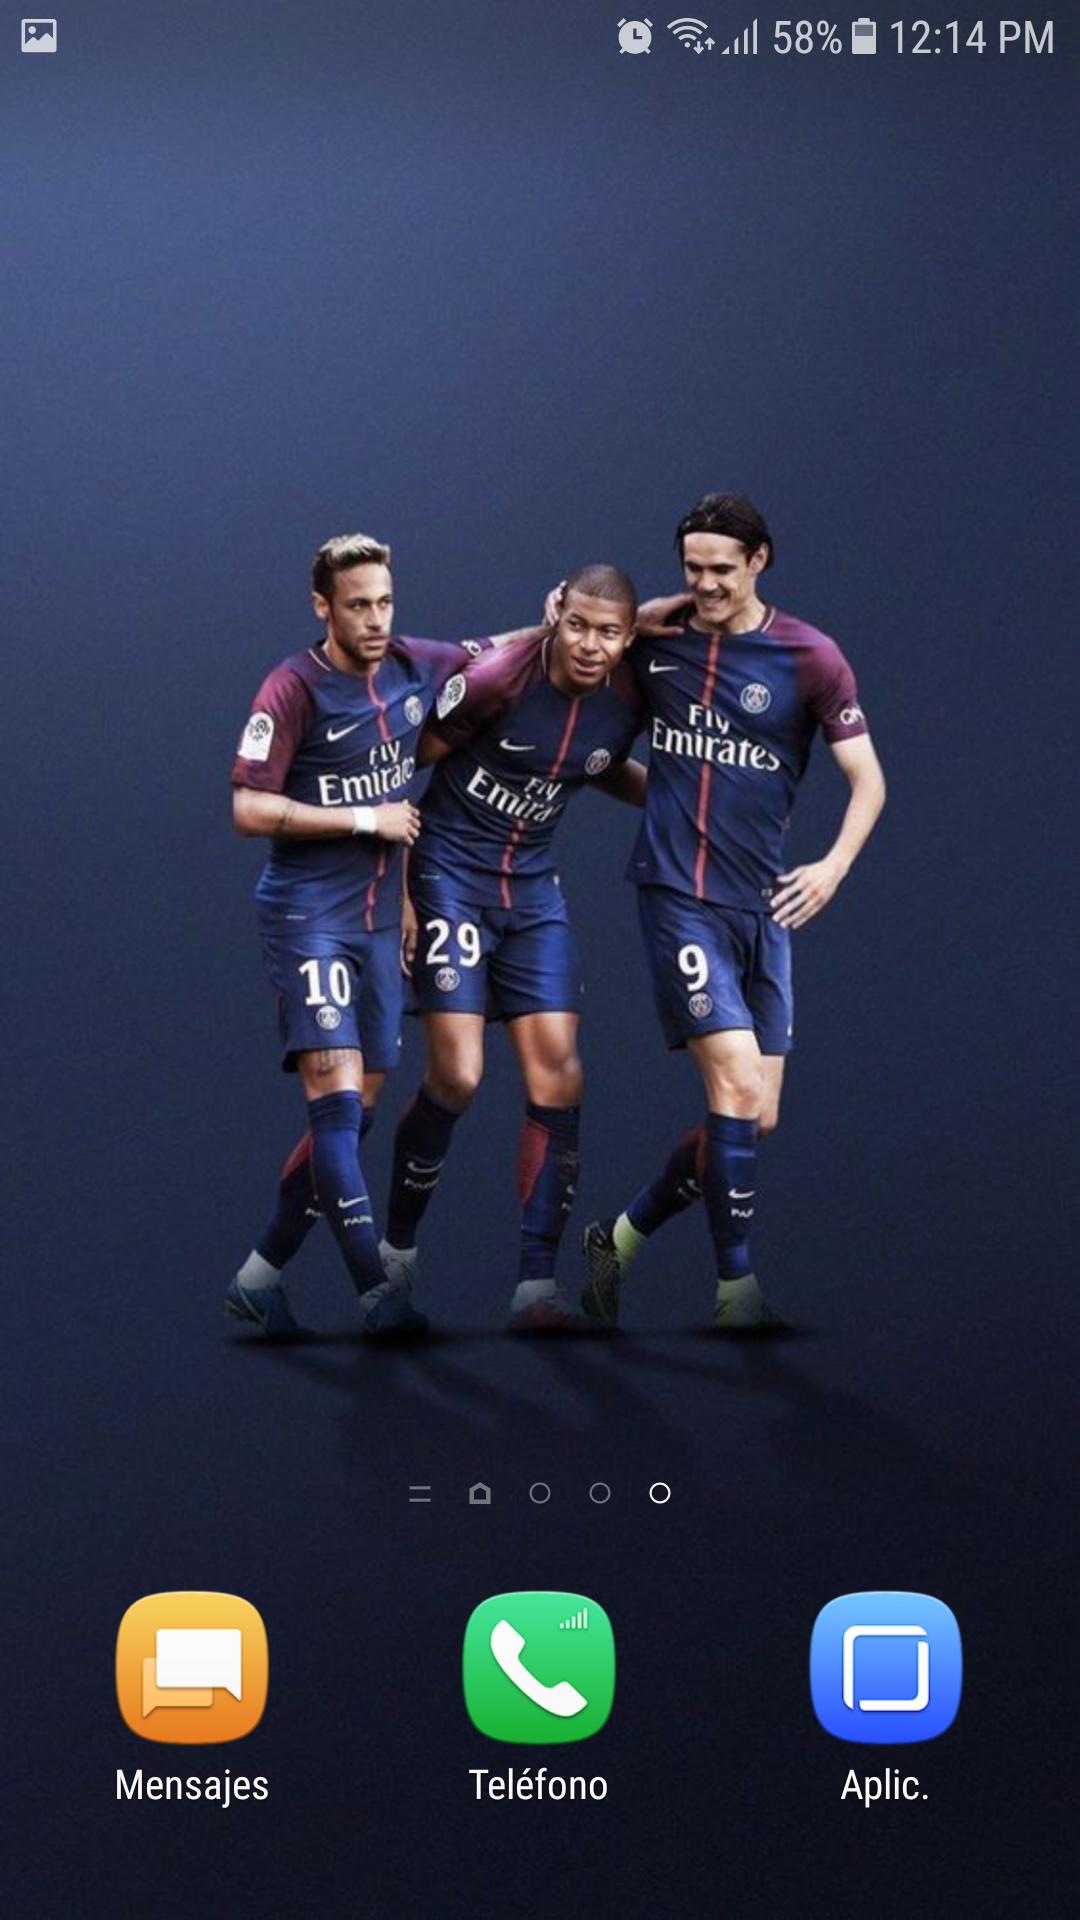 PSG Paris Saint Germain Wallpapers 1080x1920